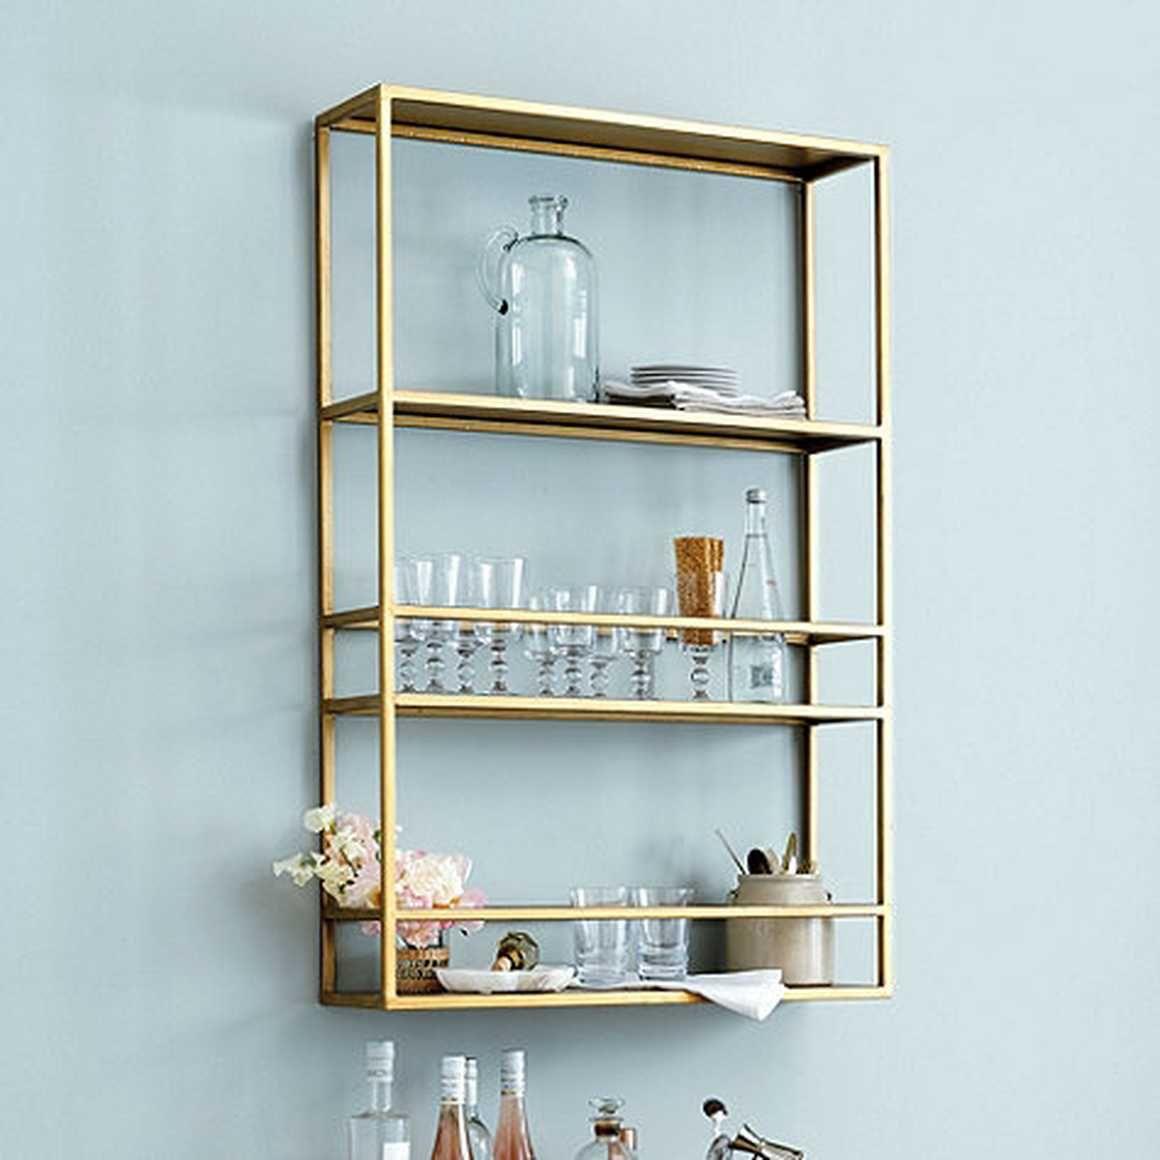 Abbott Slim Shelf Gold By Ballard Designs Glass Wall Shelves Glass Shelves Floating Glass Shelves